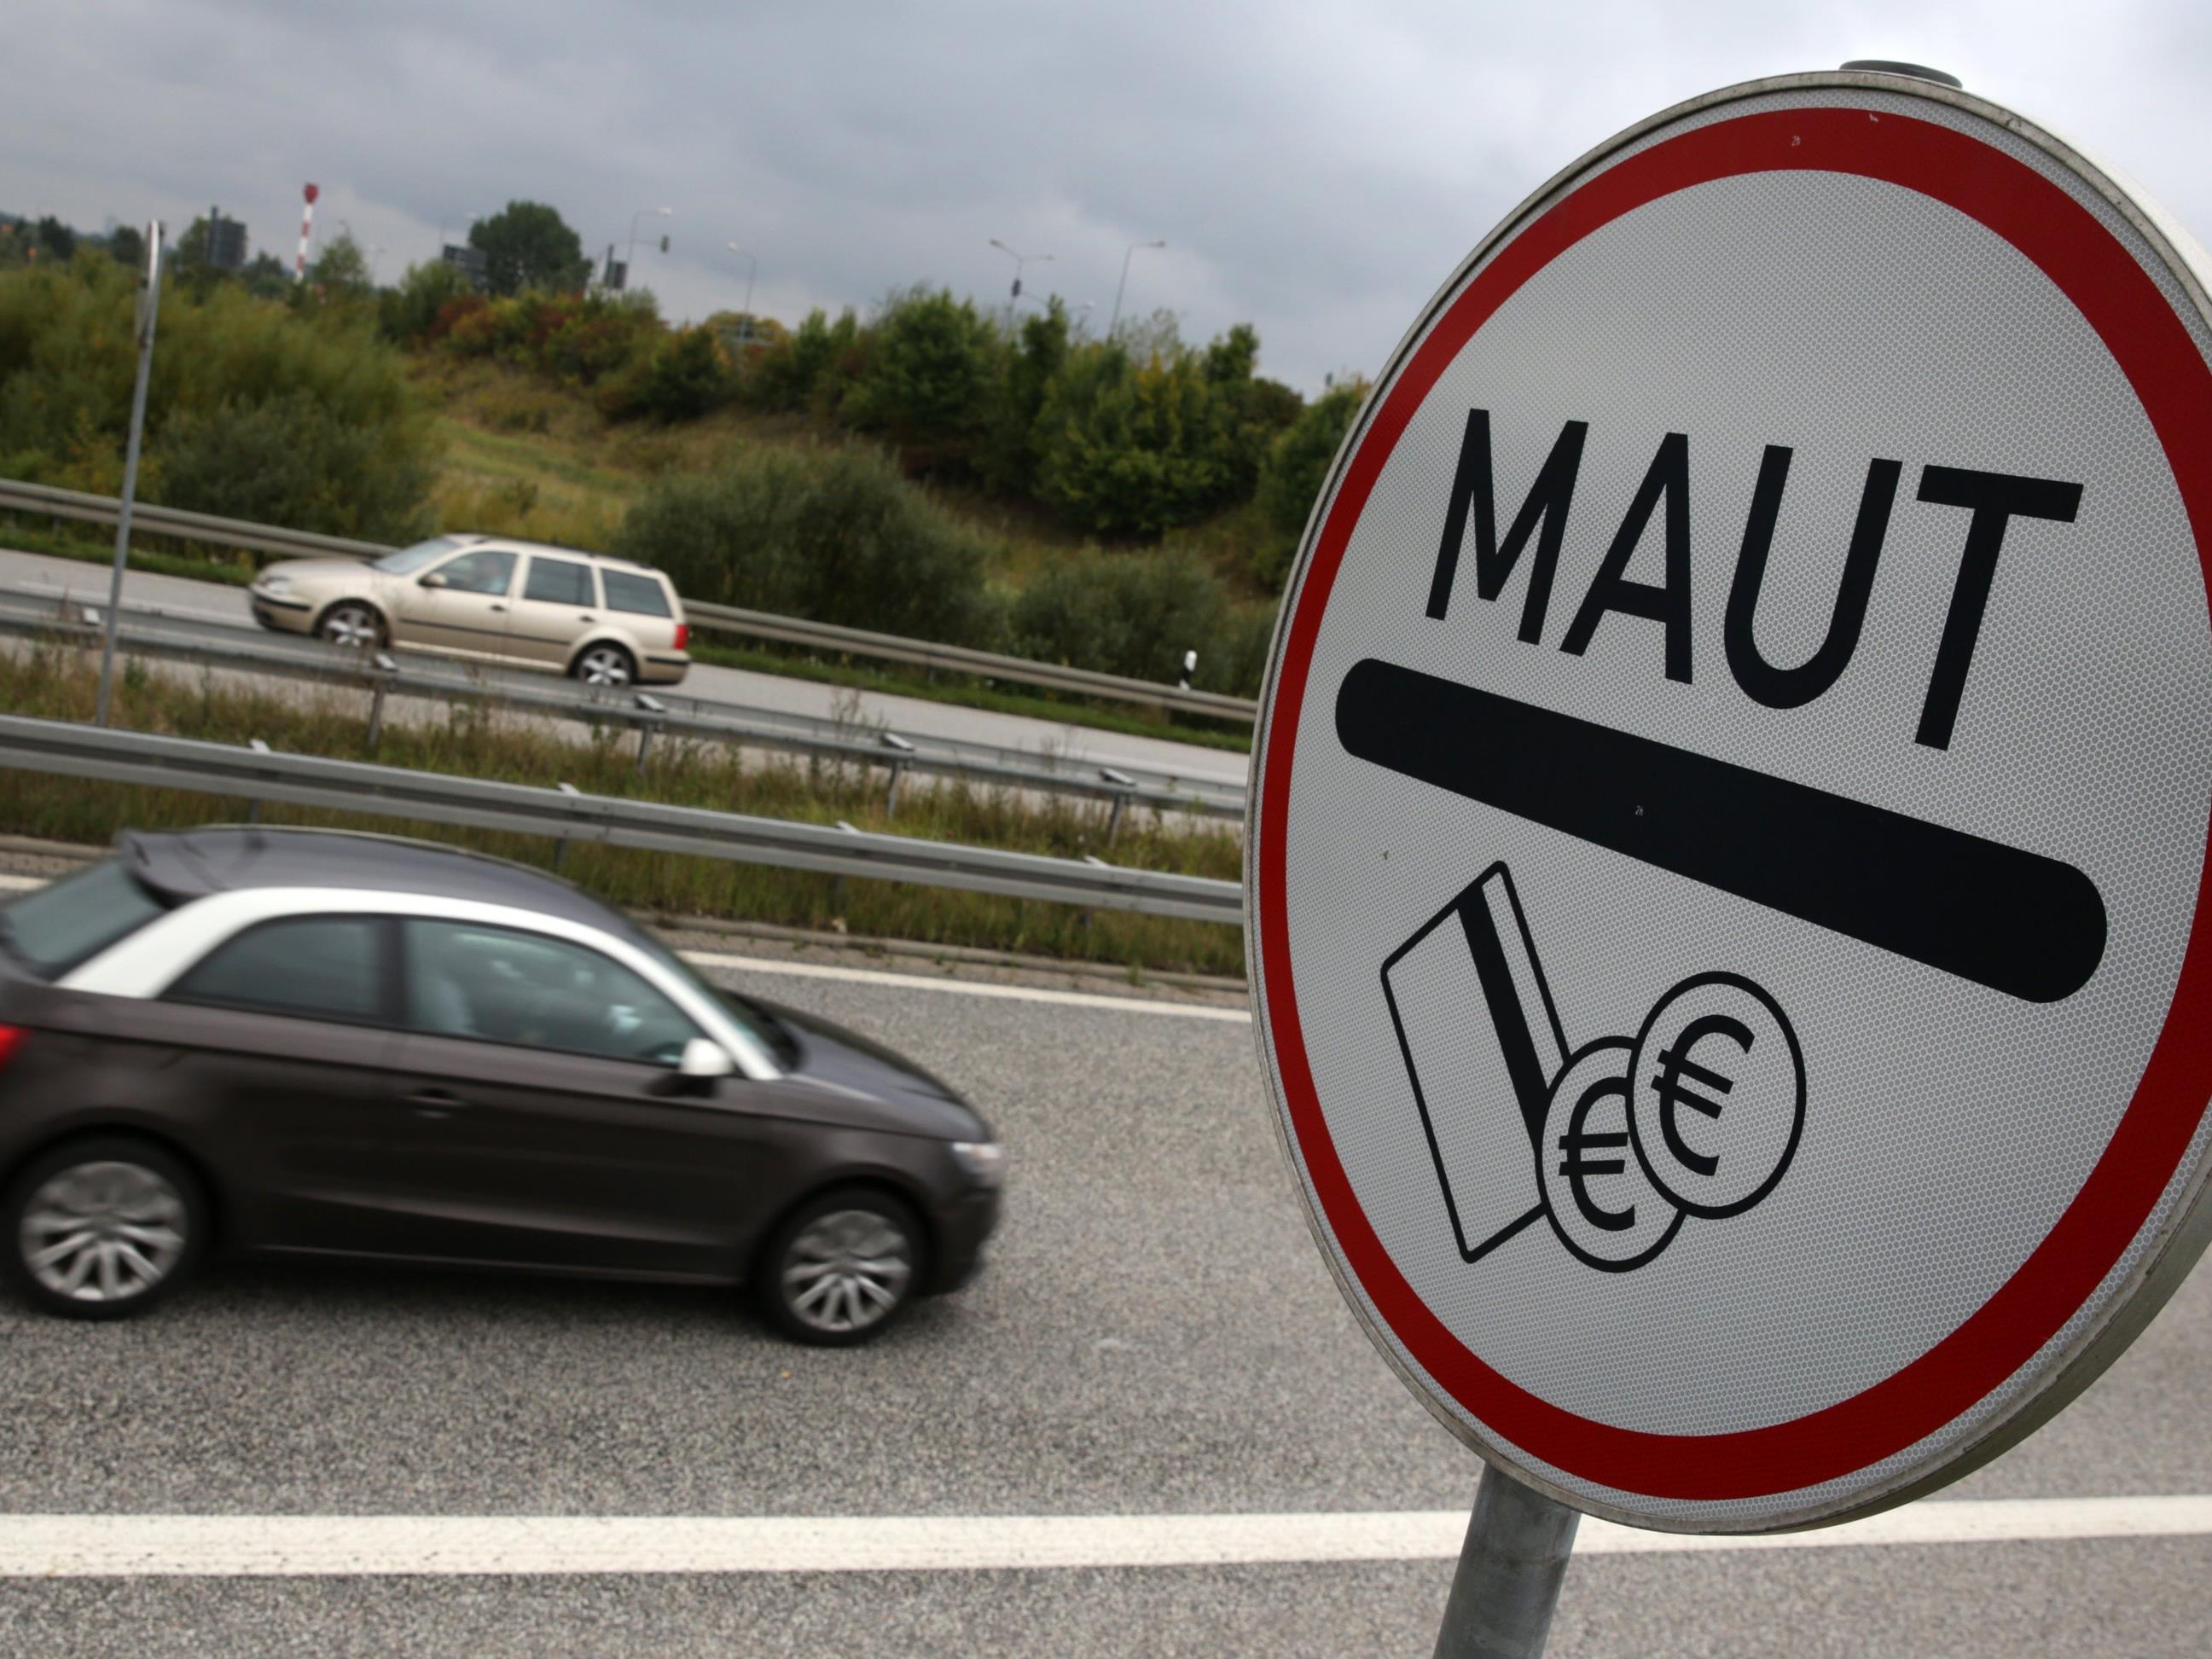 Soll die Pkw-Maut in Deutschland wirklich eingeführt werden?